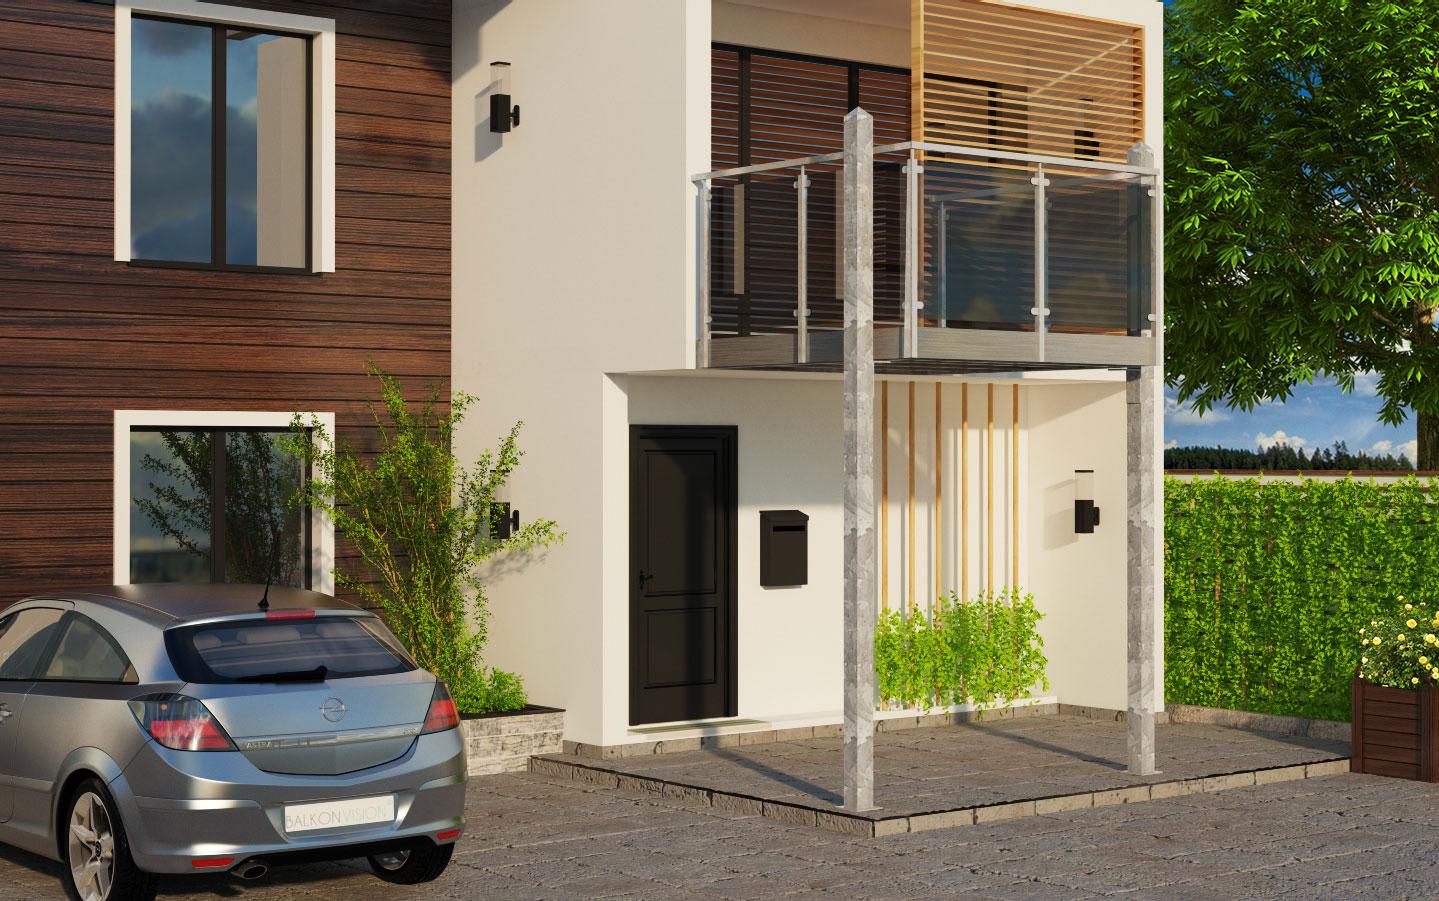 anbaubalkon seitliche st tzen vorgebautes gel nder edestahlverblendung 2 x 2 meter. Black Bedroom Furniture Sets. Home Design Ideas